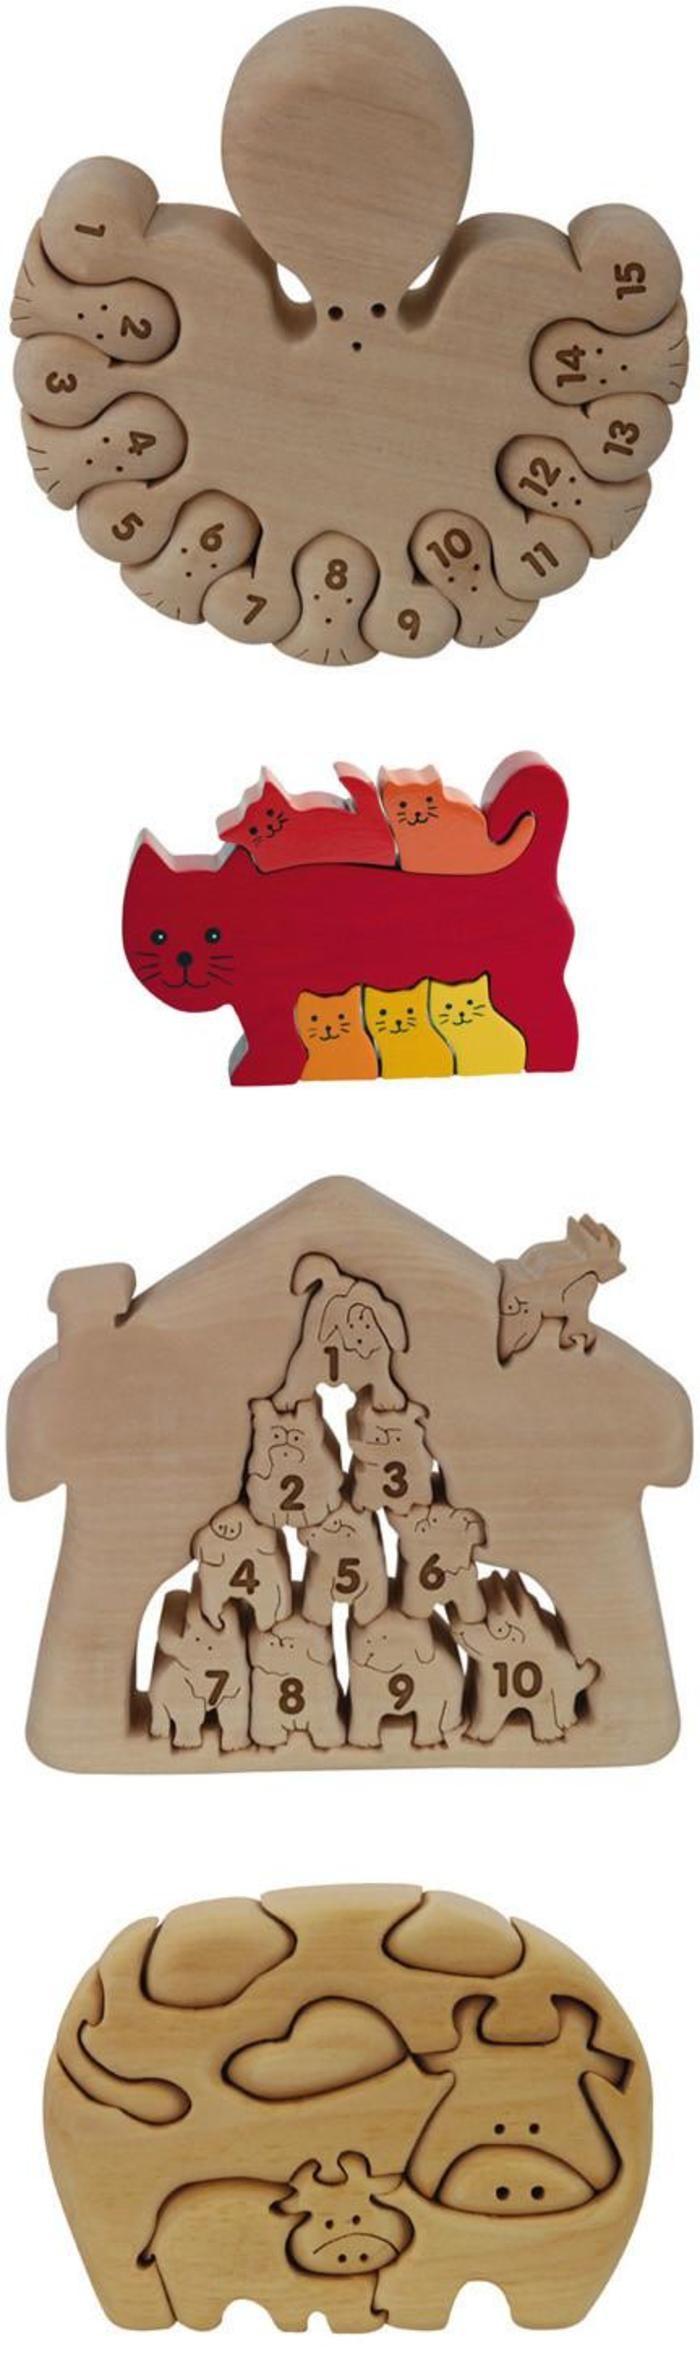 一些有趣的木玩设计。